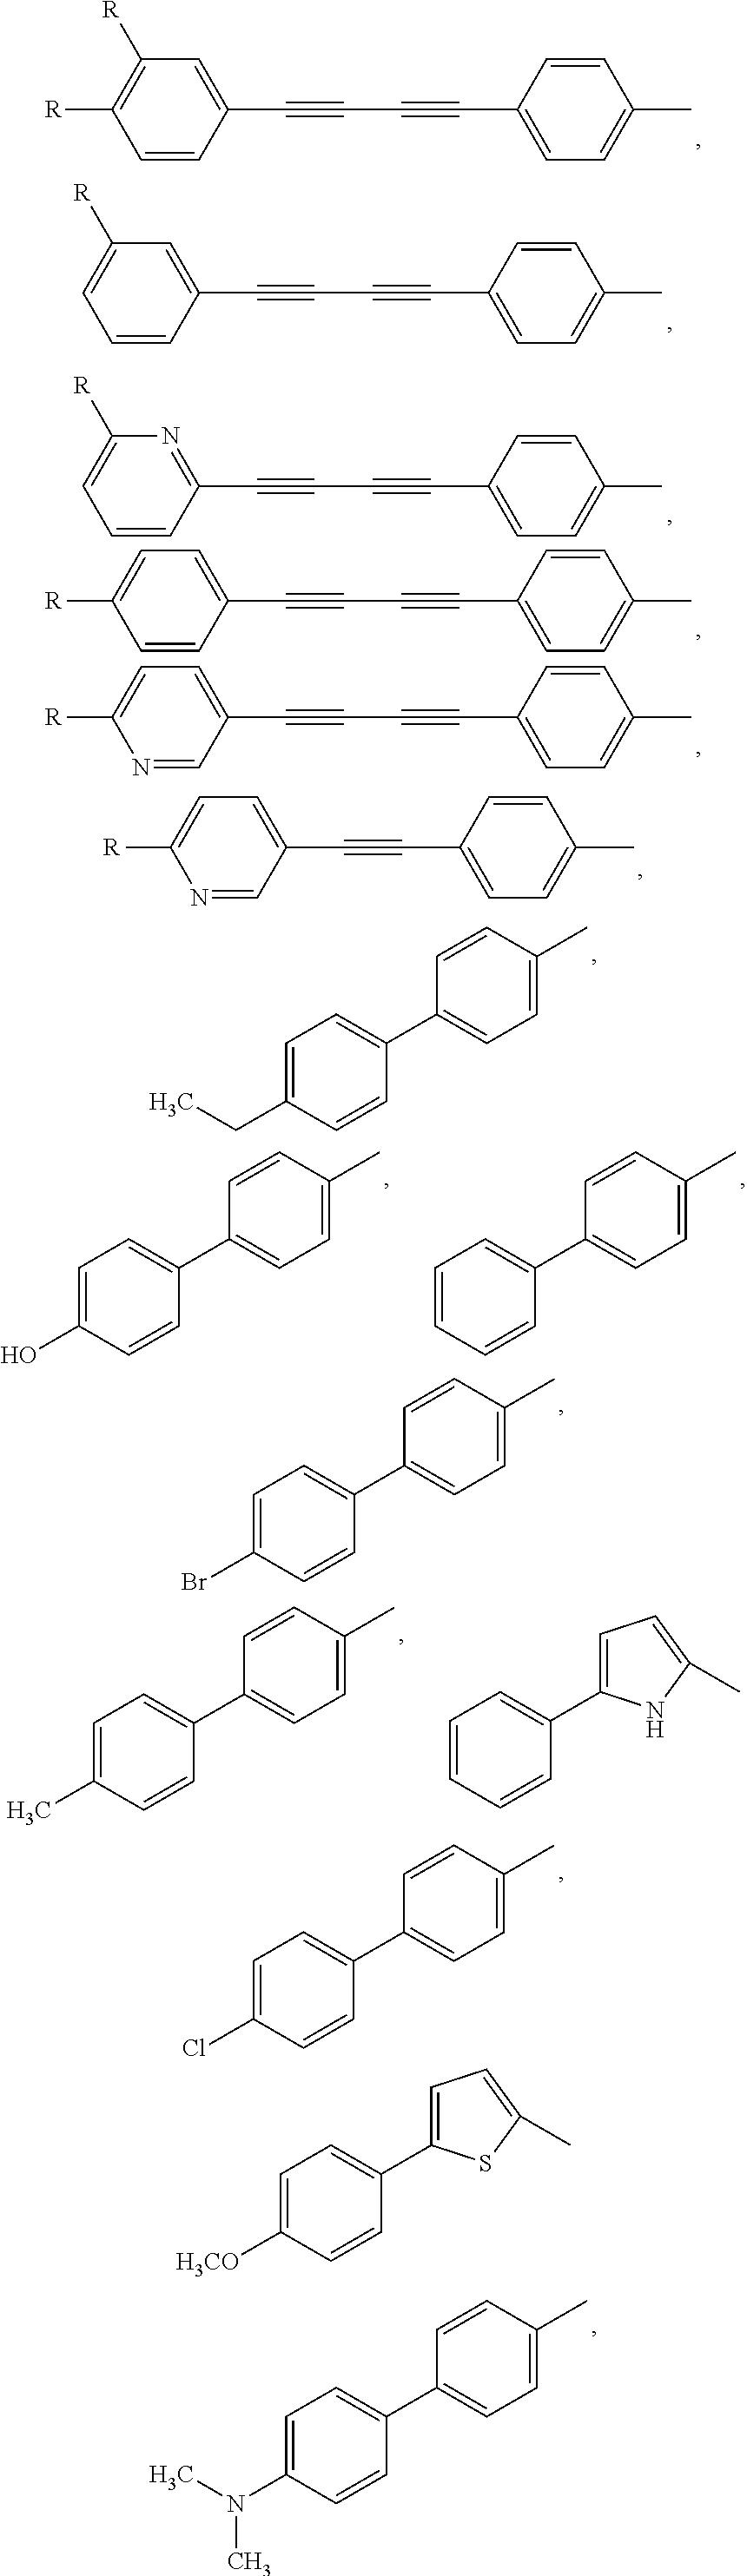 Figure US09617256-20170411-C00028